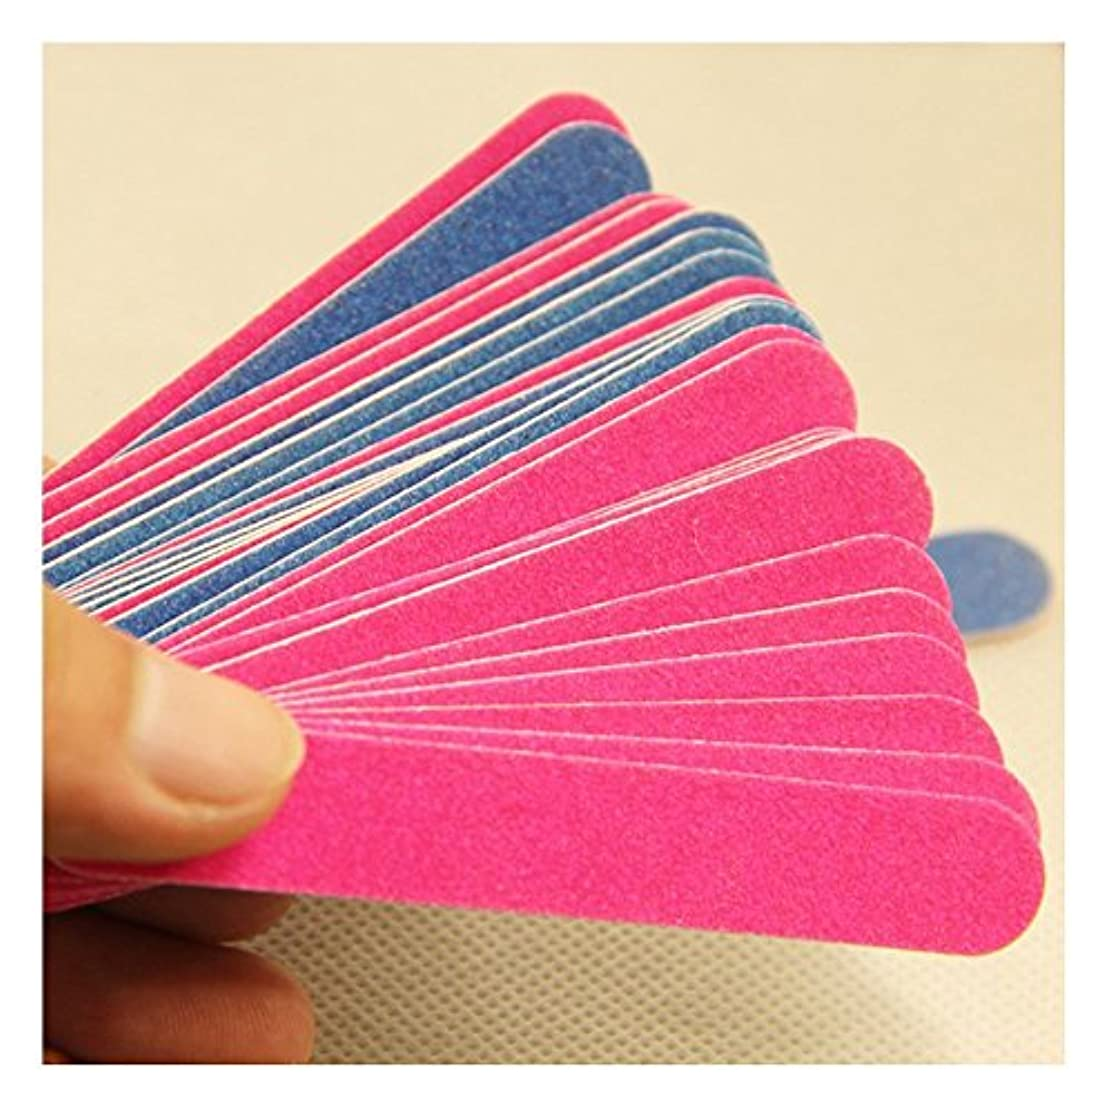 講師荒廃する郵便爪やすり 紙製 ネイルツールセット 爪磨き 足の爪 ペットの爪 犬爪 ねこ 携帯 持ちやすい 小 20点入り